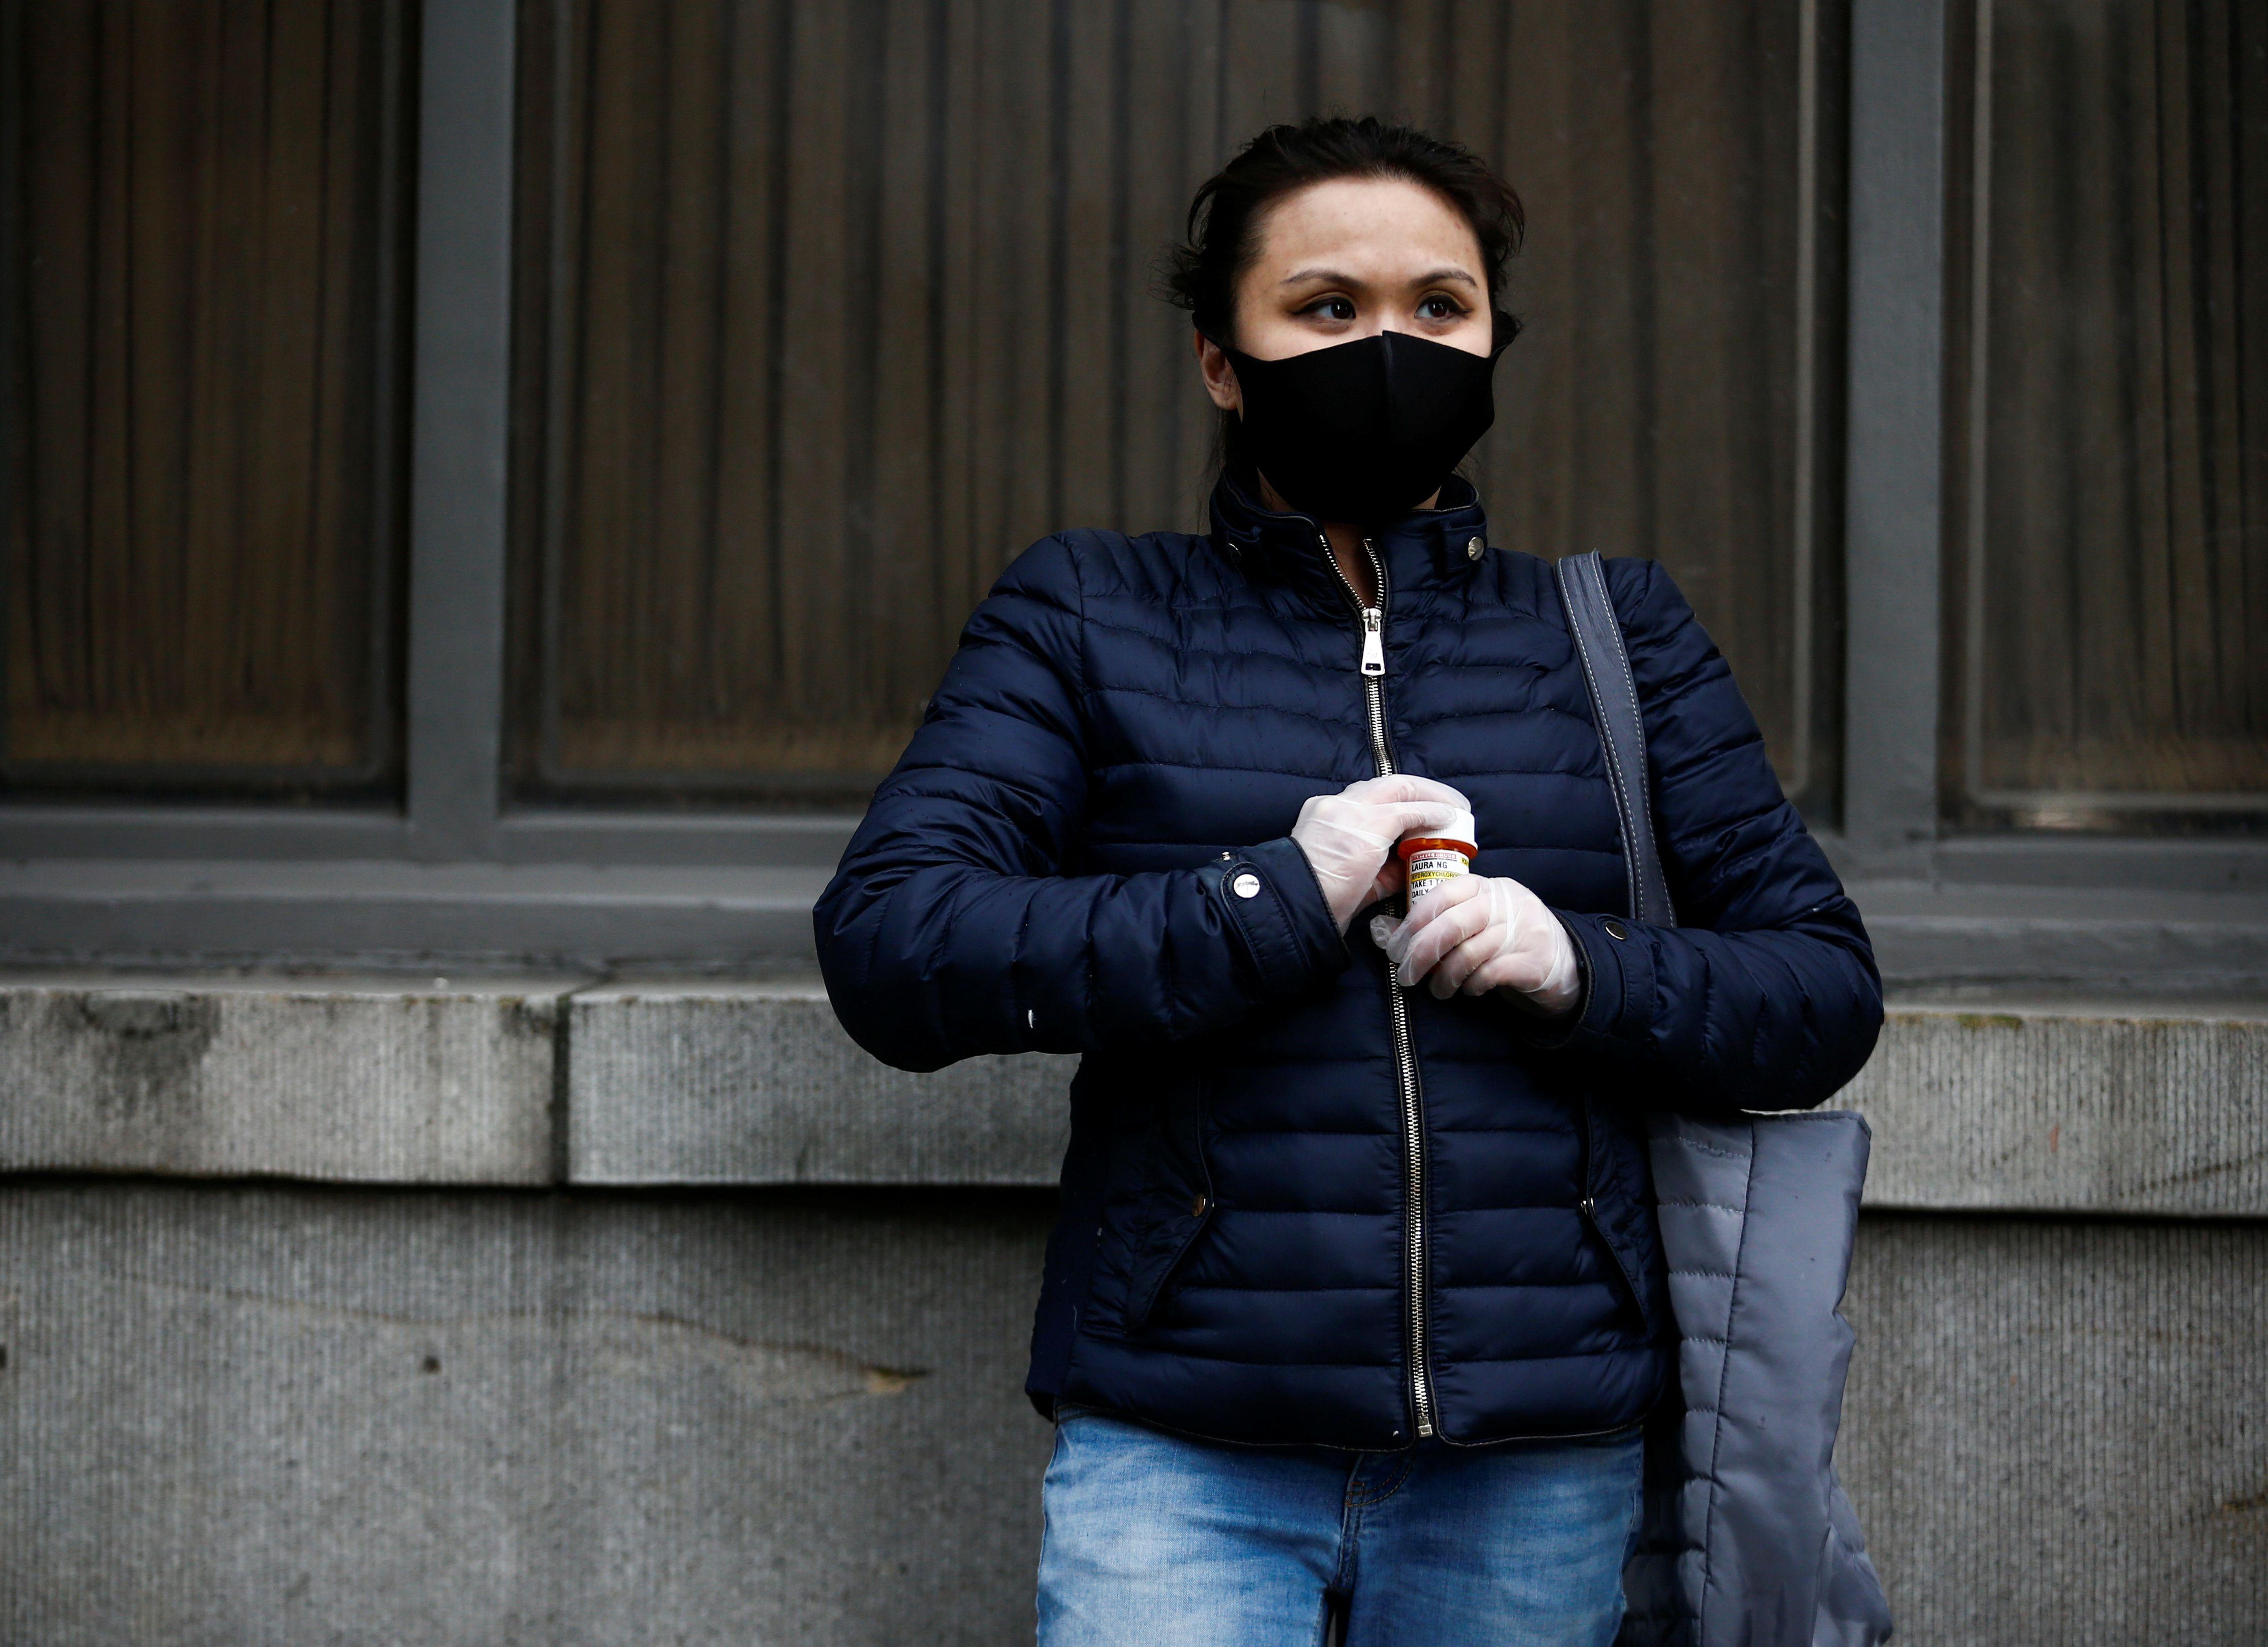 Una mujer se toma un medicamento mientras usa una mascarilla para protegerse del coronavirus